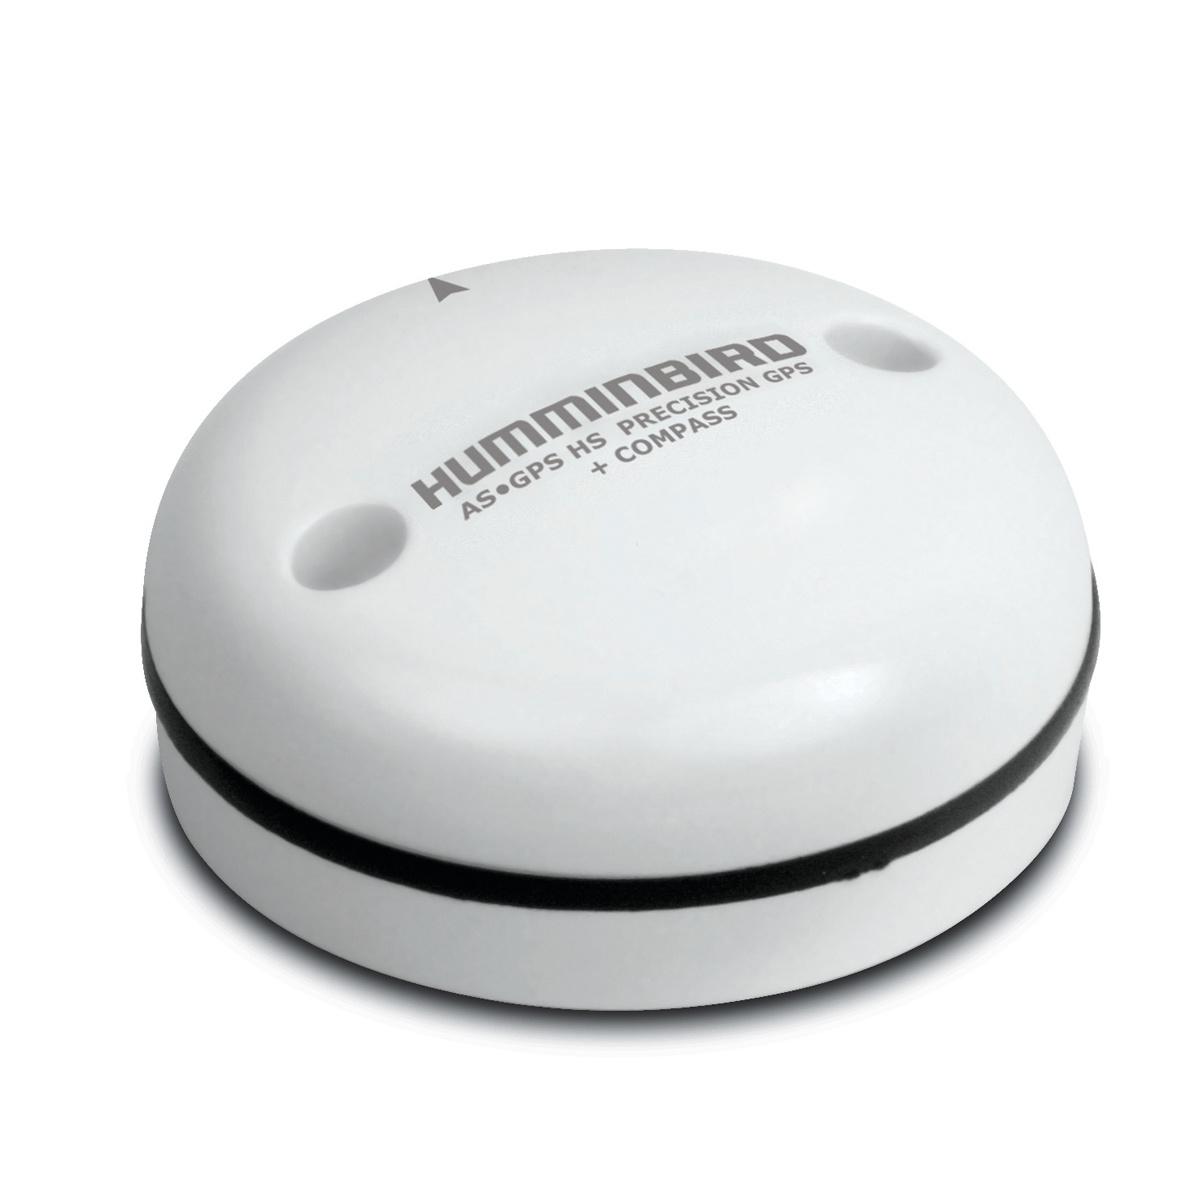 Humminbird AS GPS HS - External GPS Heading Sensor